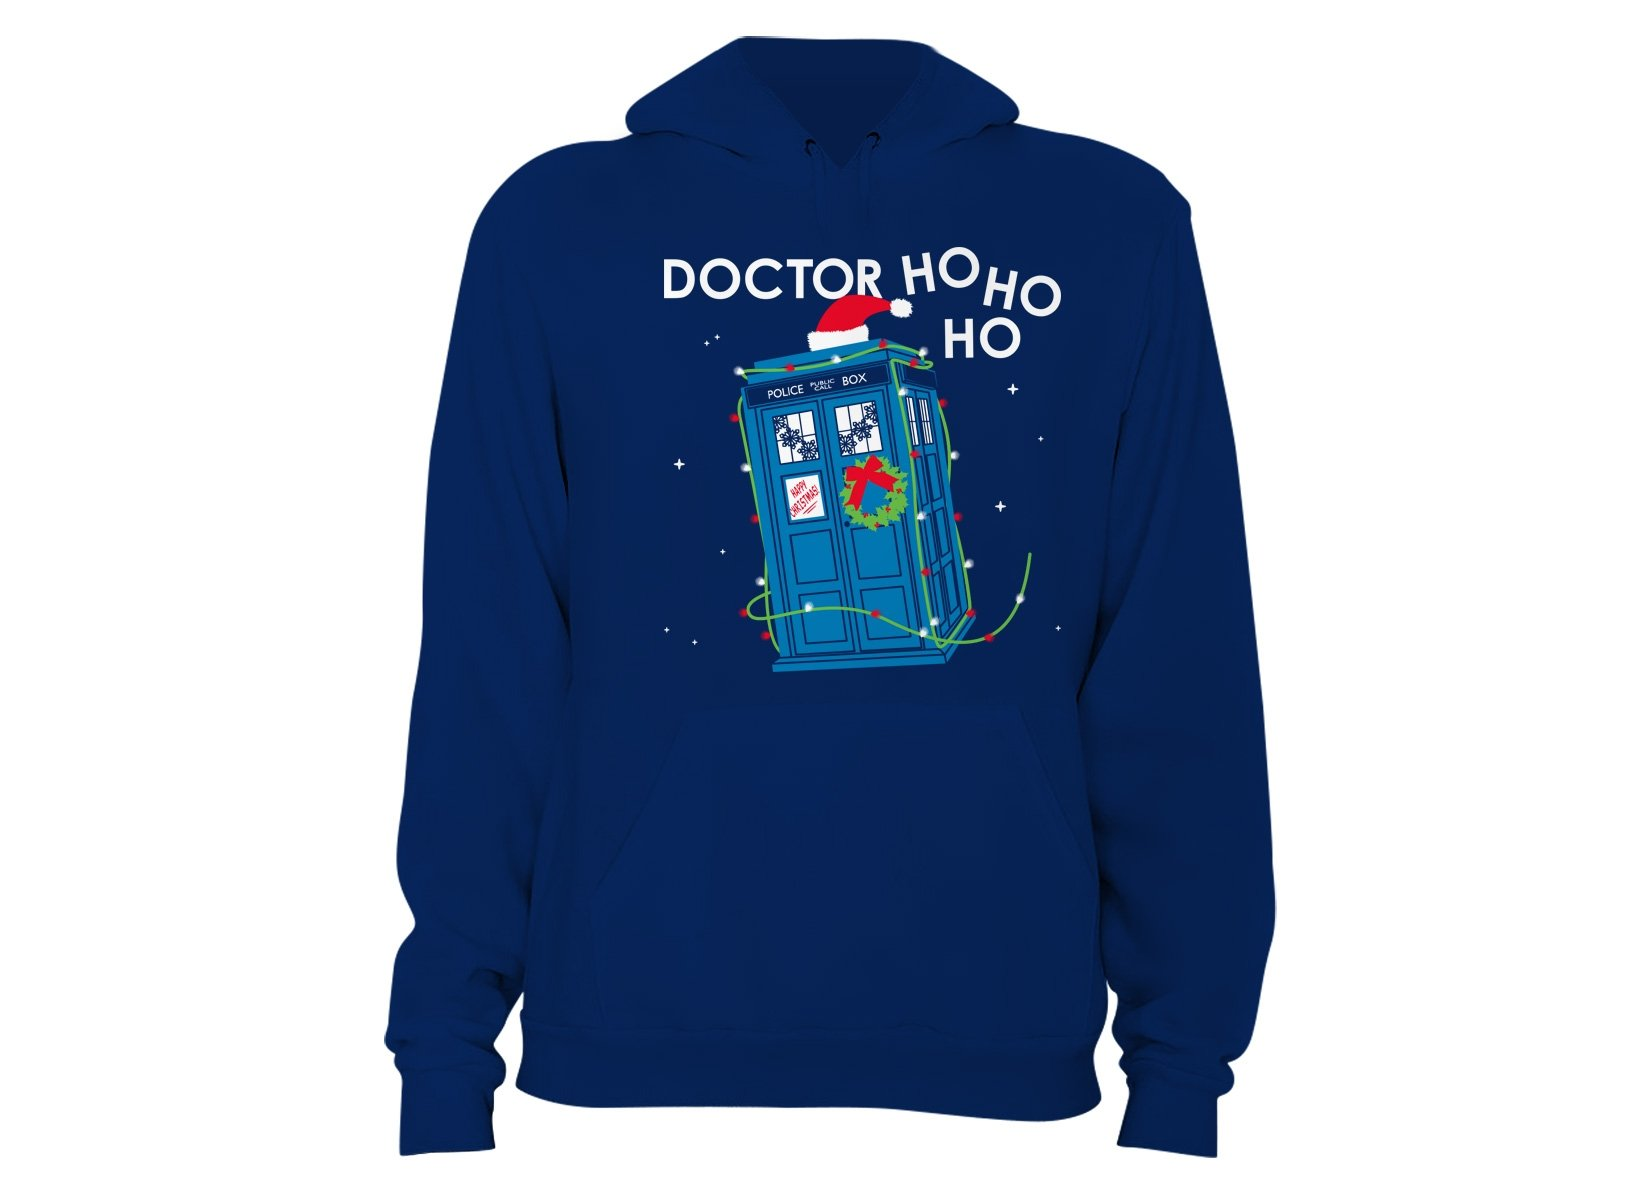 Doctor Ho Ho Ho on Hoodie